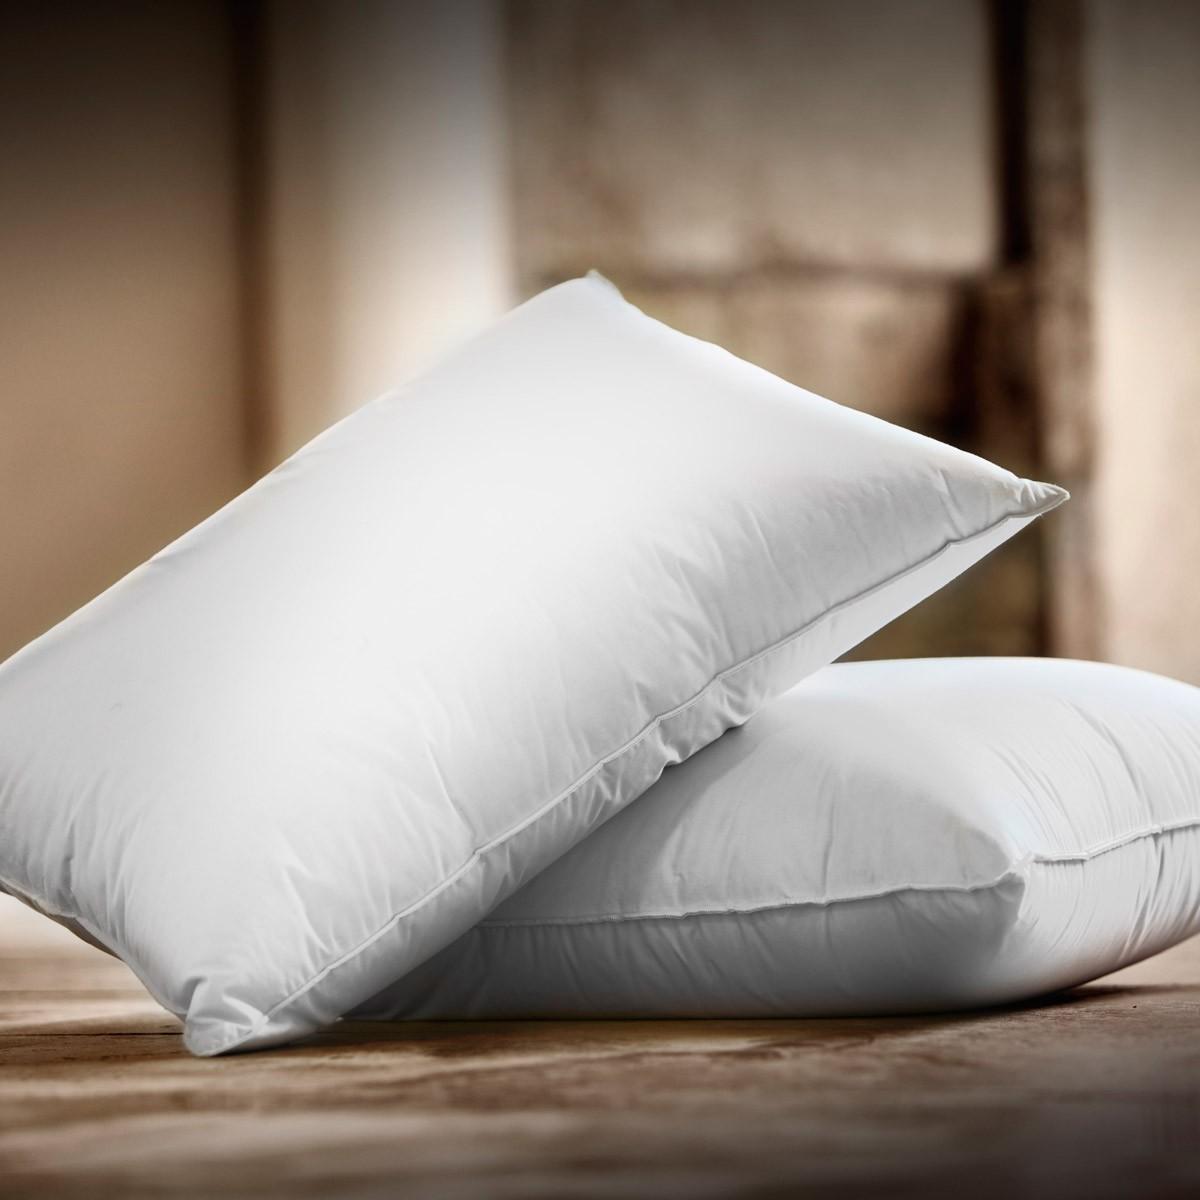 Oreiller à mémoire de forme : comment faire le bon choix de cet oreiller ?